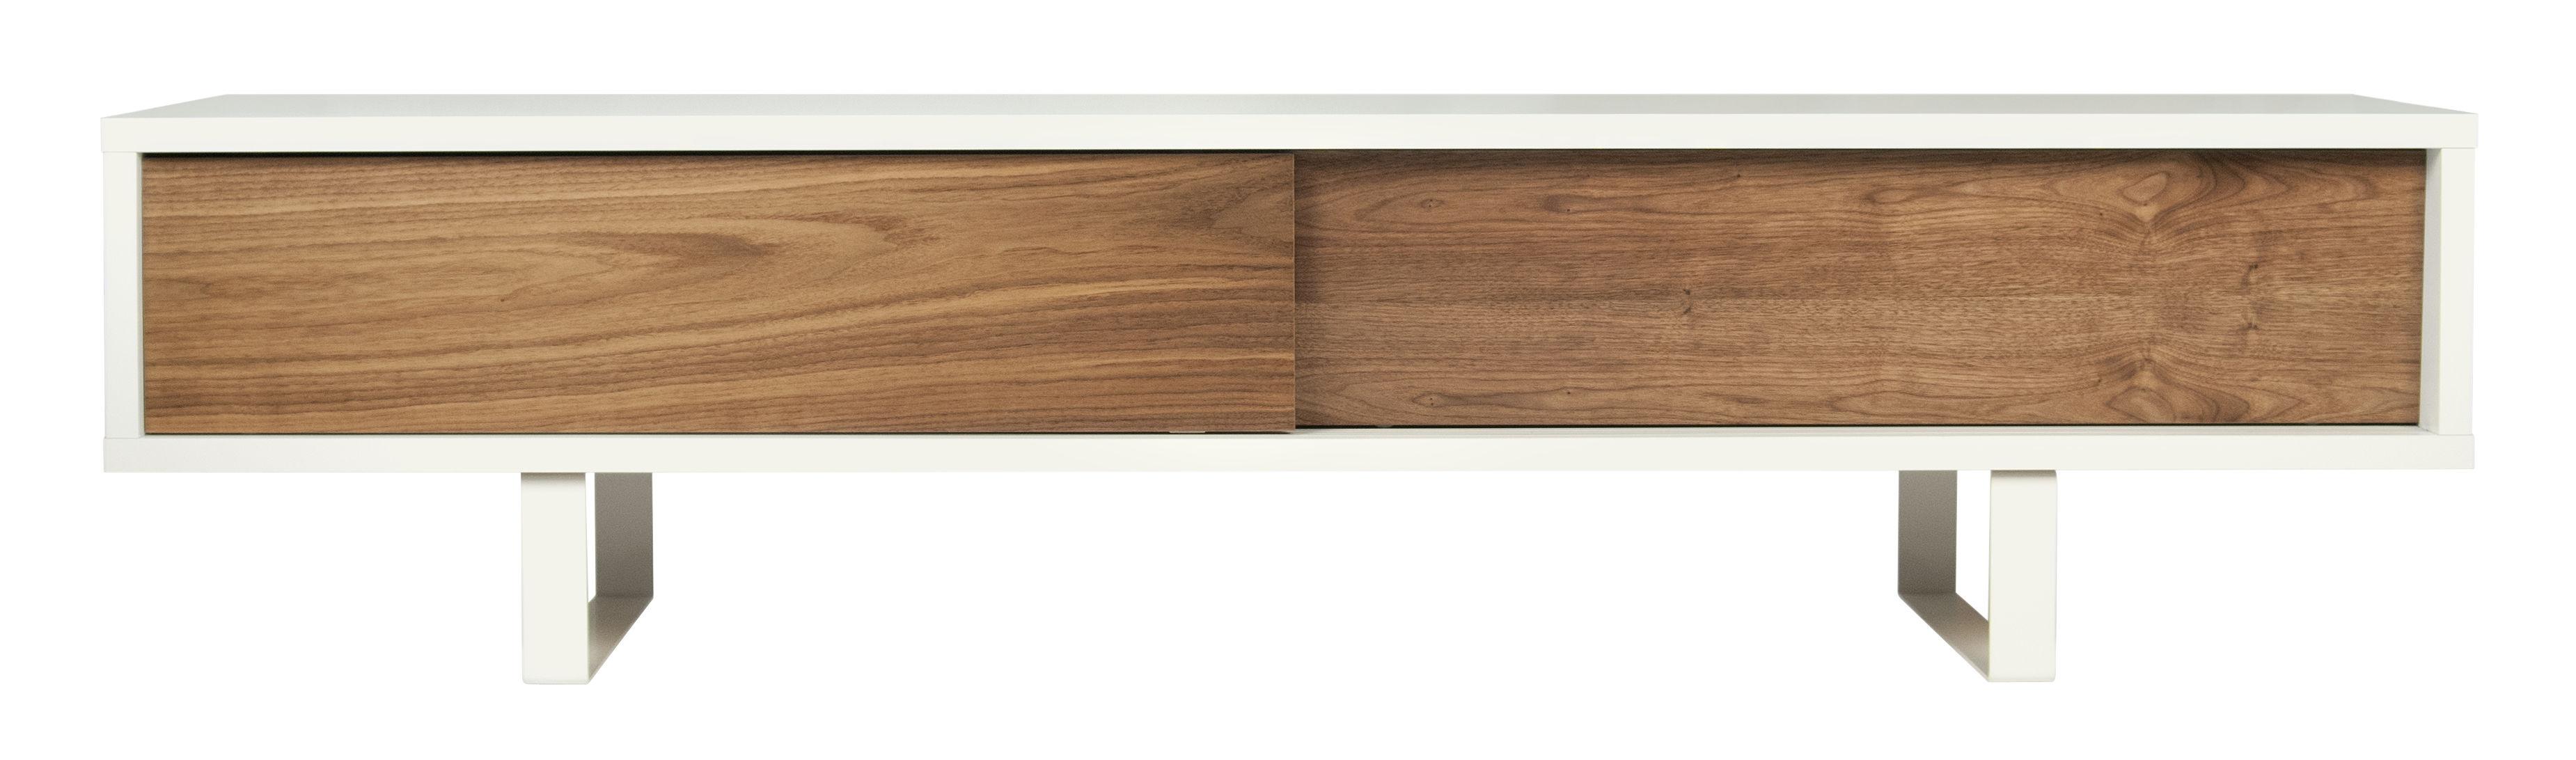 Arredamento - Mobili TV - Mobile TV Slide / L 198 cm - POP UP HOME - Bianco / Noce - Acciaio laccato, Pannelli in agglomerato dipinti, Placage noyer